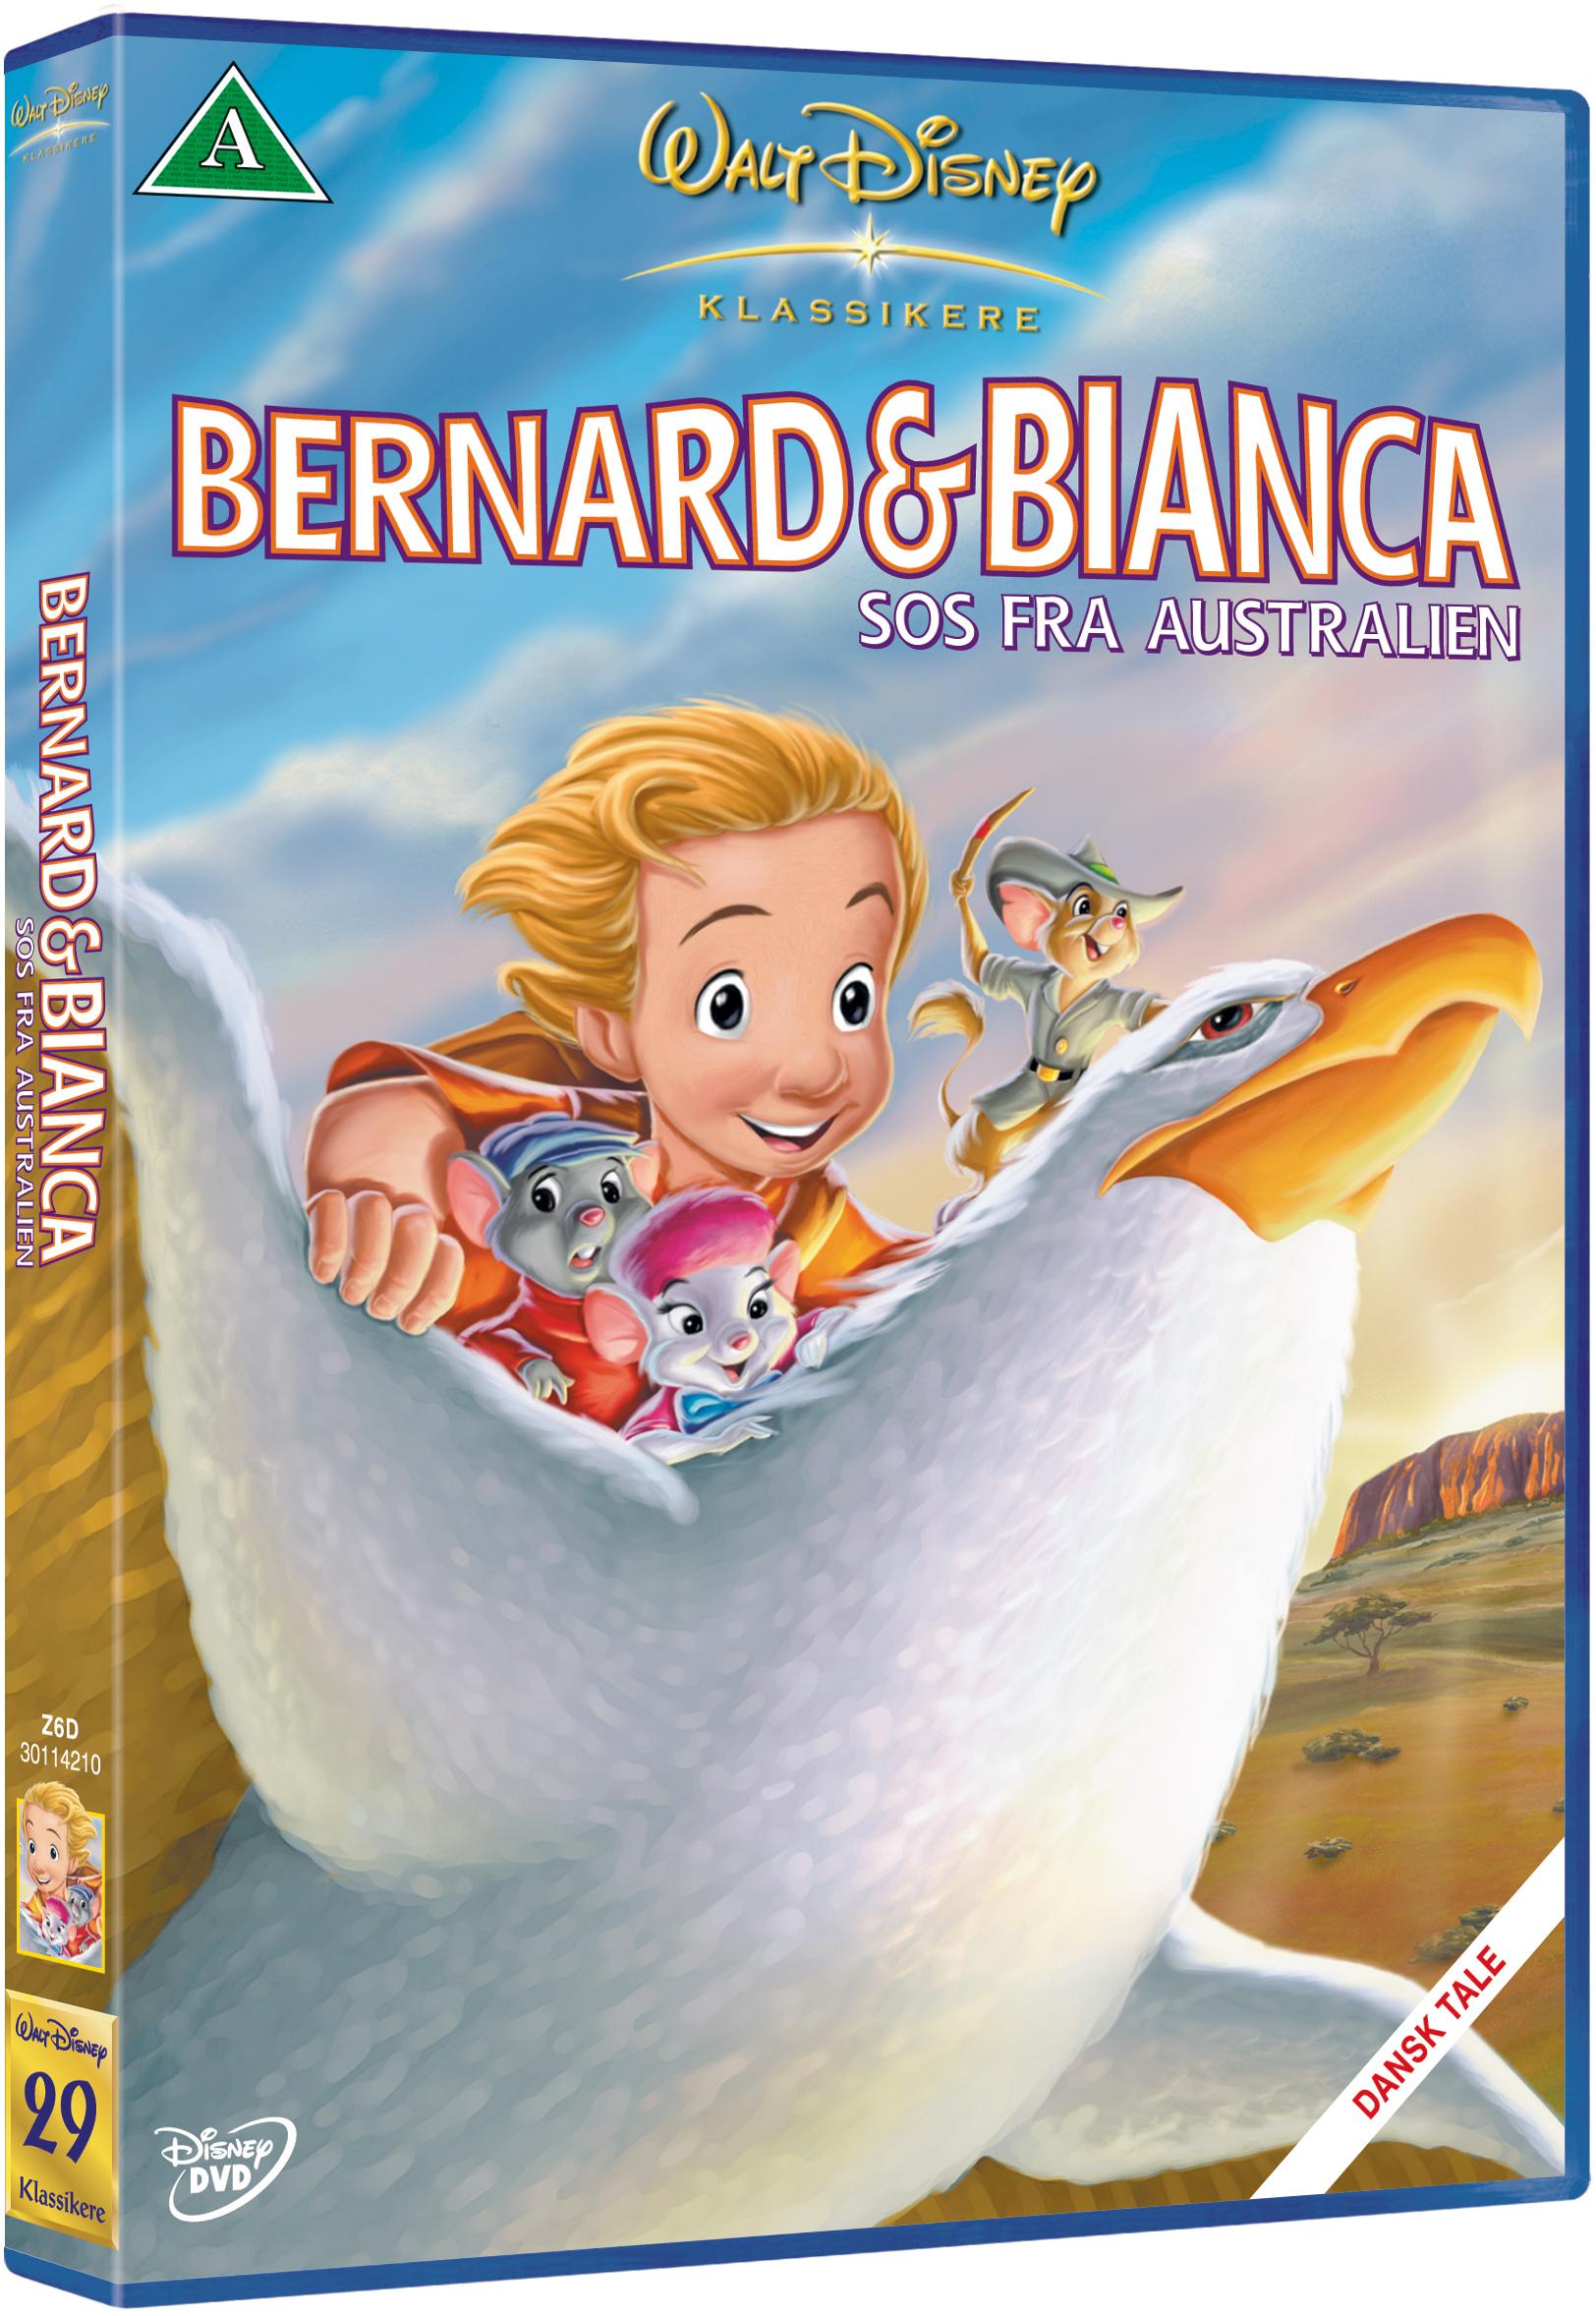 Bernard og Bianca: SOS fra Australien -Disney classic #29